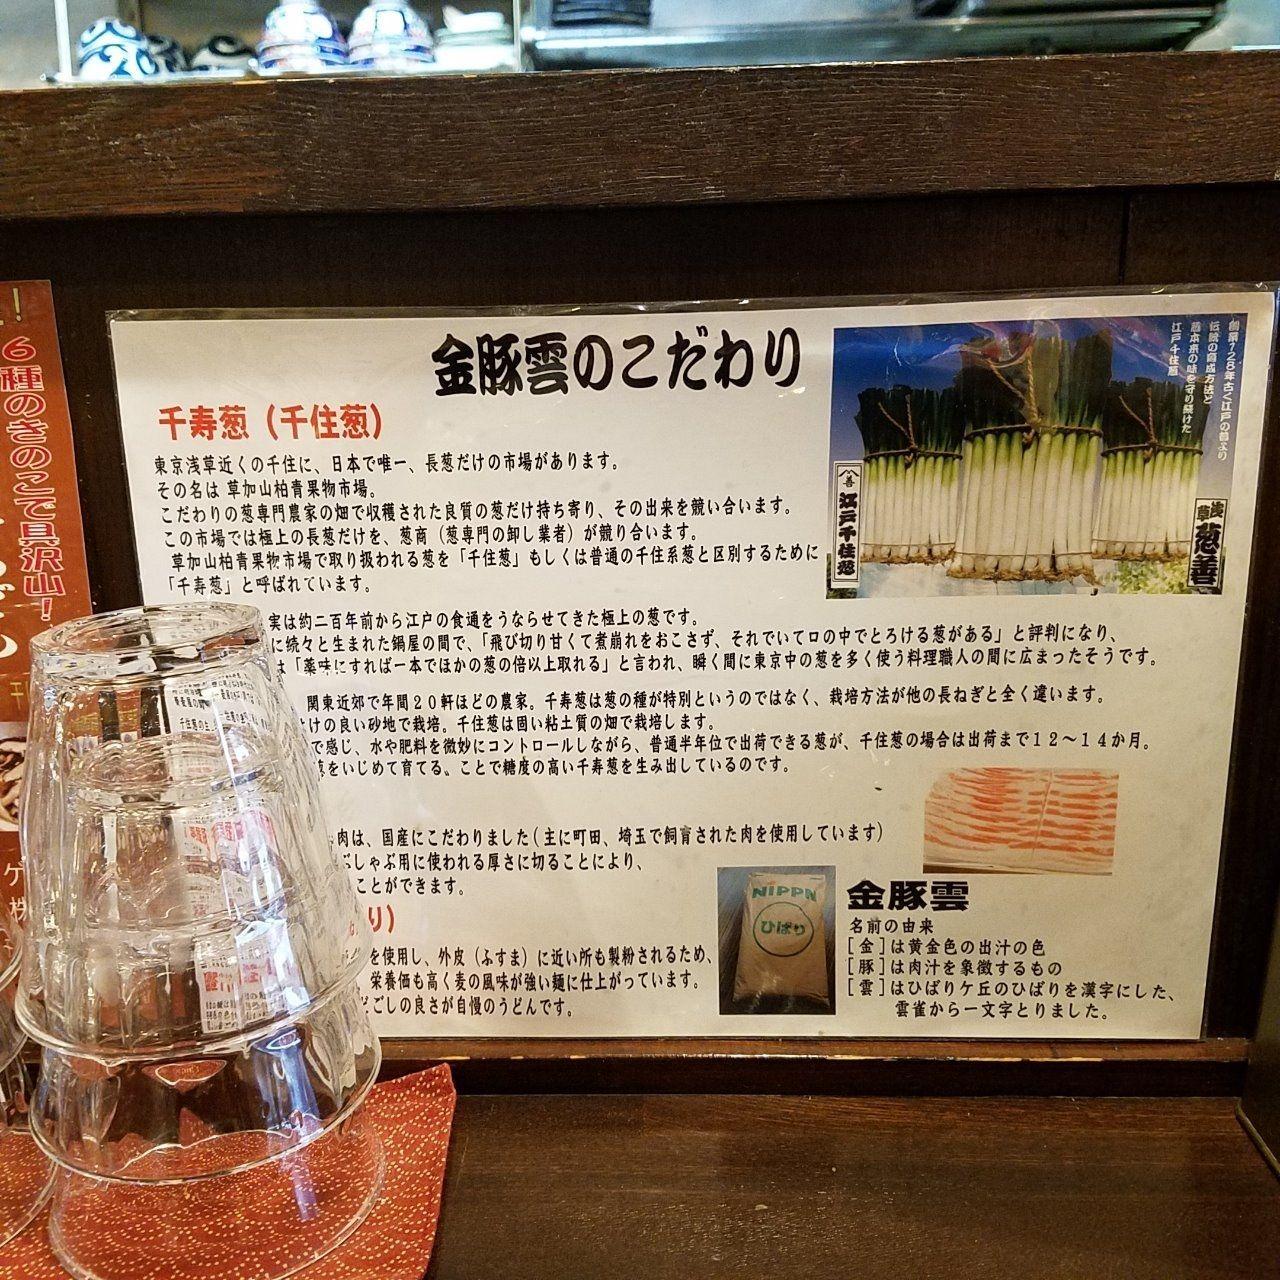 金色のだし汁、埼玉などこだわりの国産豚、雲雀(ヒバリ)の雲